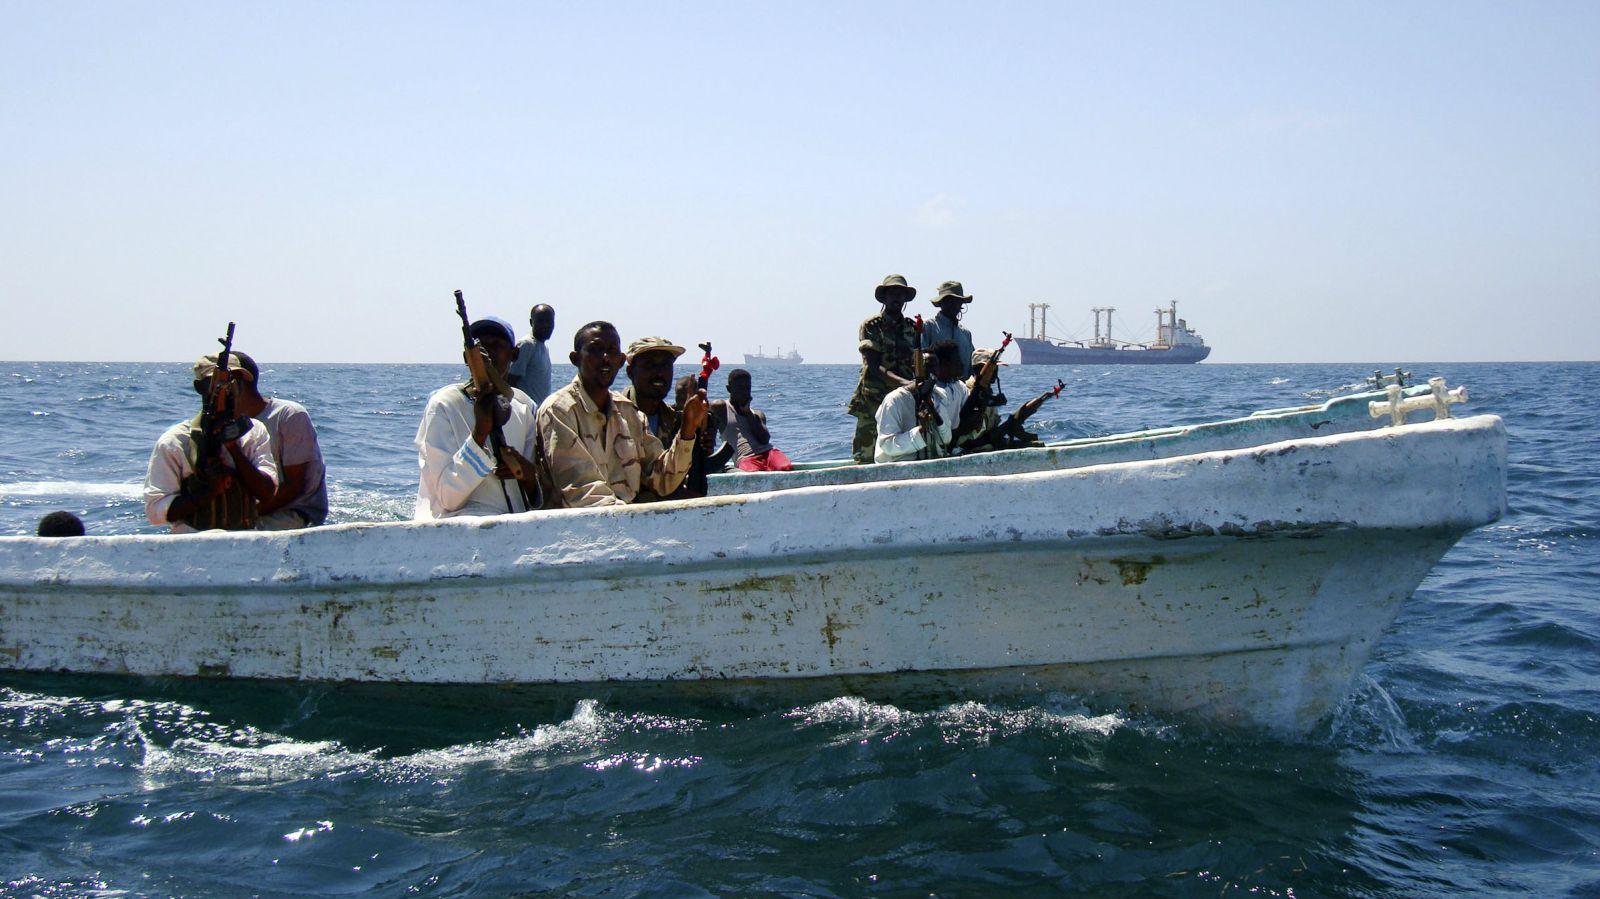 Cướp biển Somalia nguy hiểm thế nào - 6